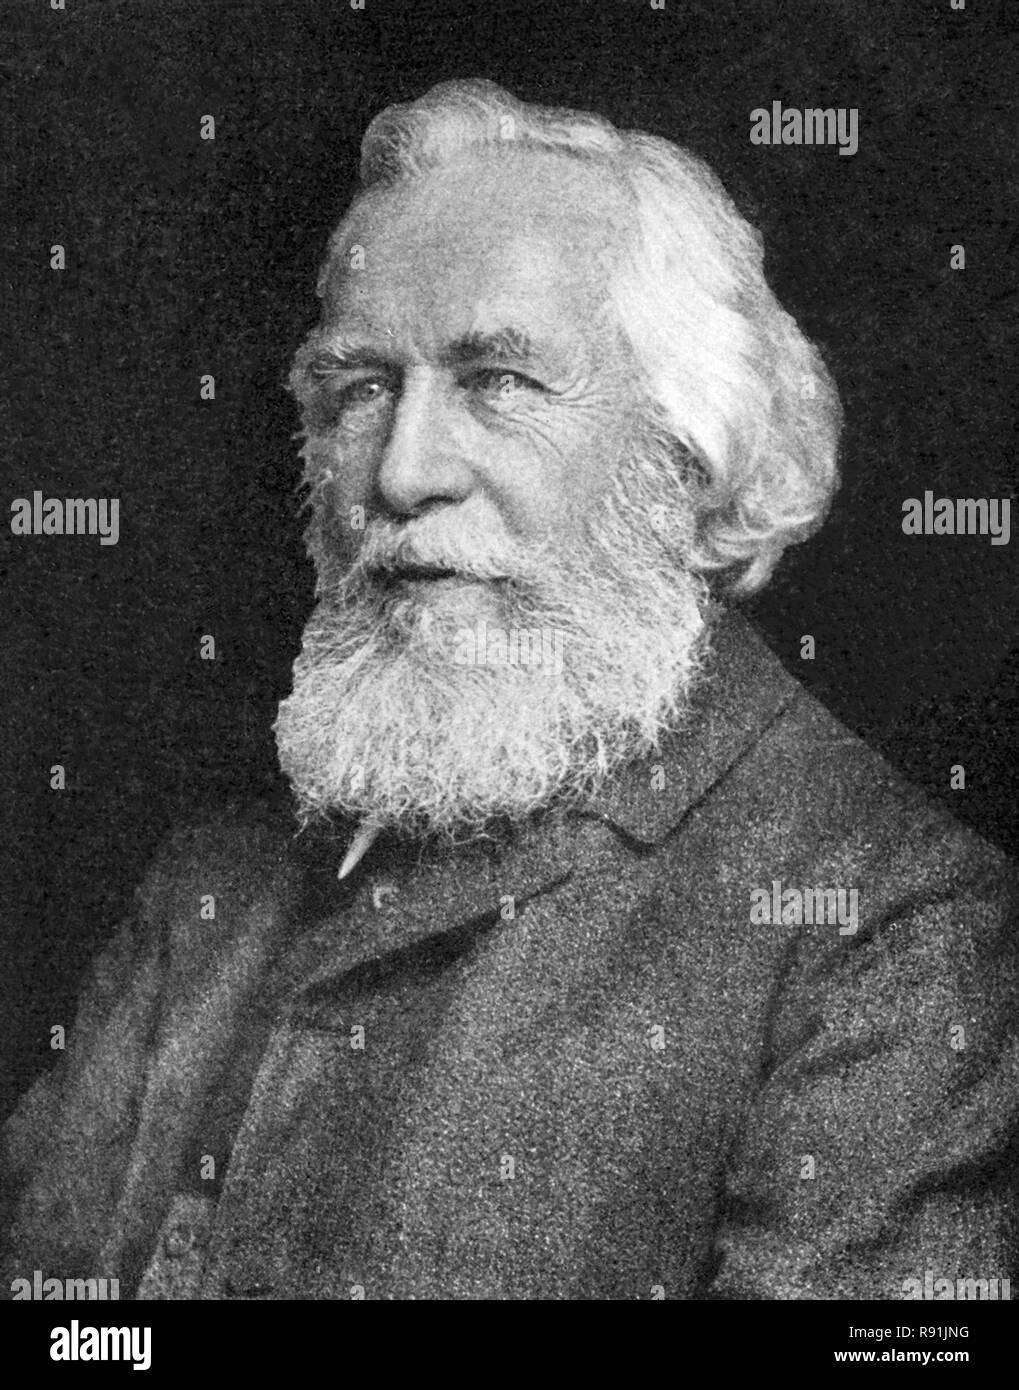 Ernst Heinrich Philipp August Haeckel (1834 – 1919) German biologist, naturalist, professor and marine biologist - Stock Image